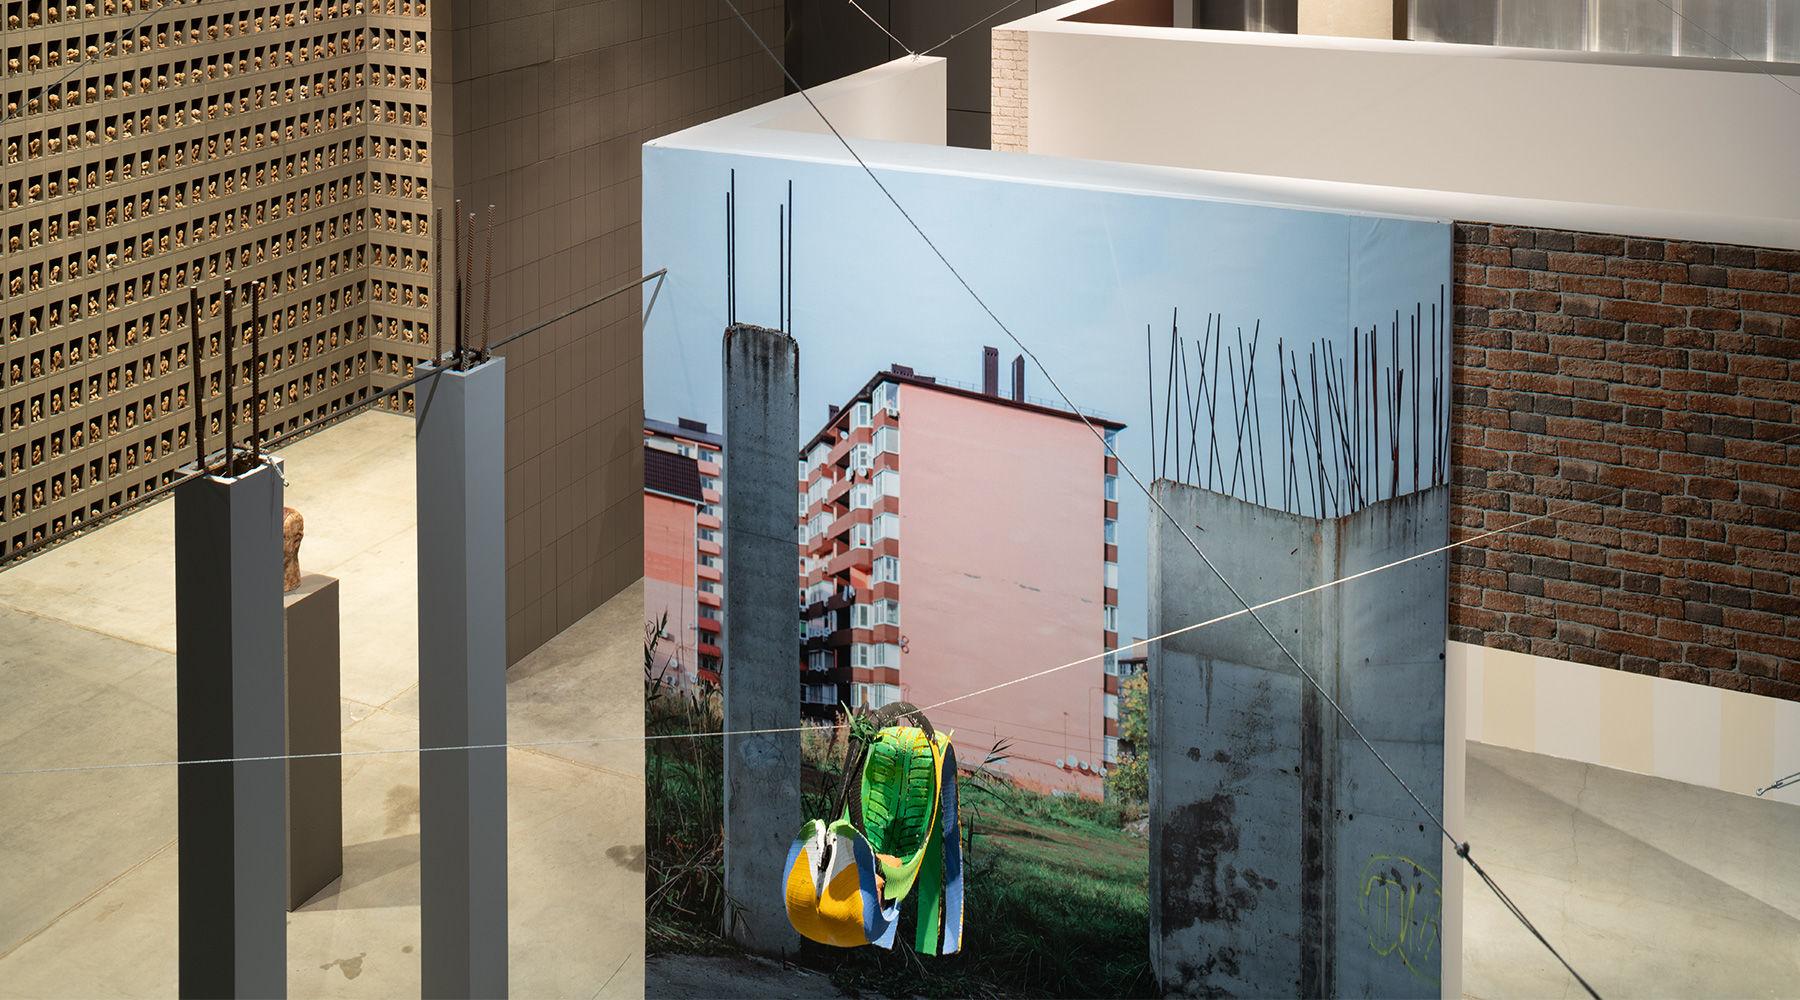 Вид экспозиции Шафаростовой на 2-й Триеннале российского современного искусства «Красивая ночь всех людей» в «Гараже», Москва, 2020 ©Фото Ивана Ерофеева и Юрия Пальмина